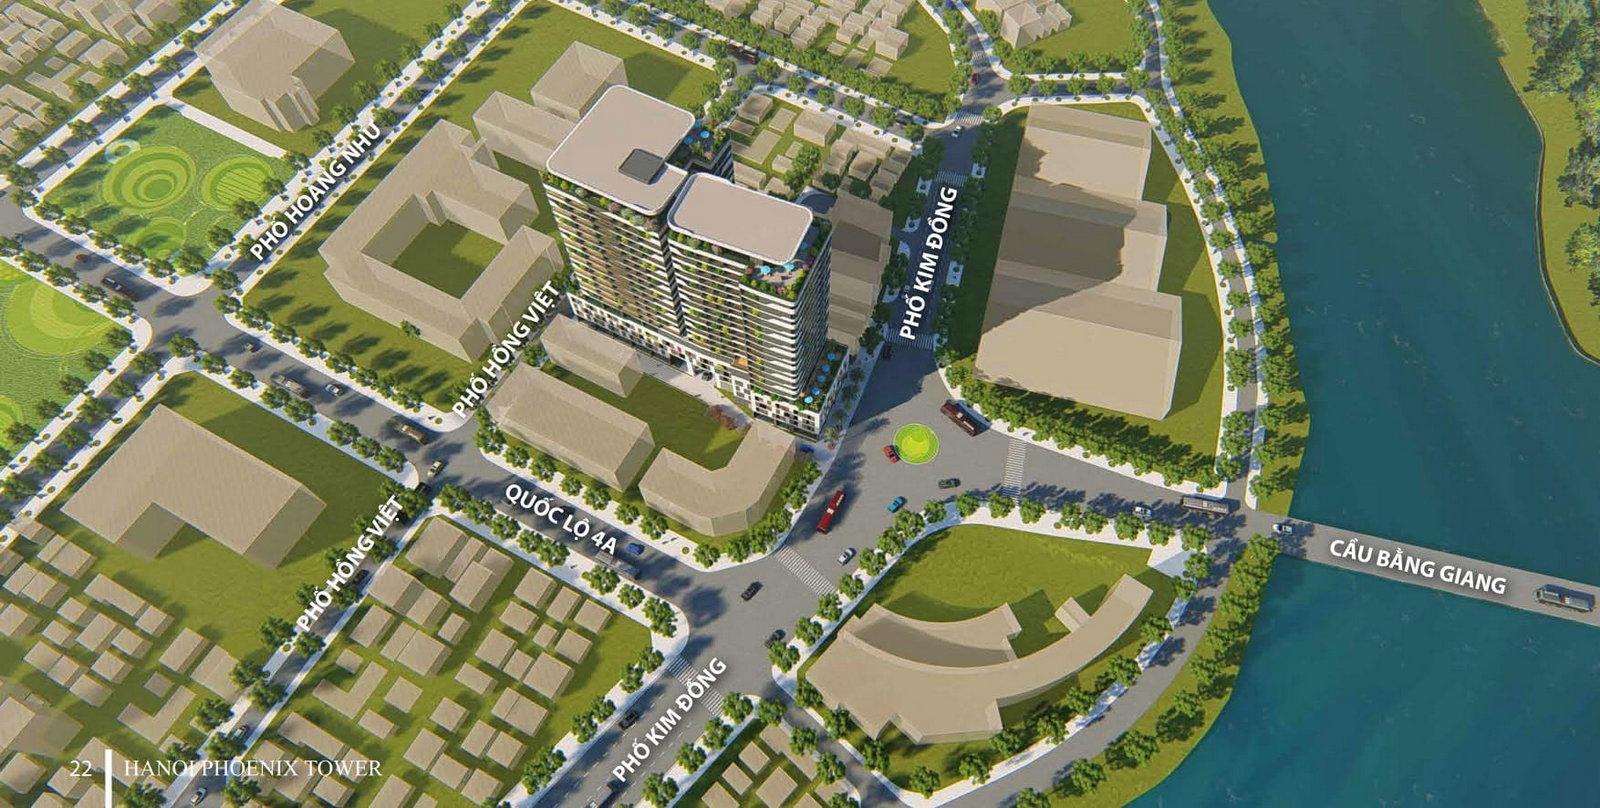 Dự án tòa nhà hỗn hợp thương mại, dịch vụ và căn hộ - Hà Nội Phoenix Tower